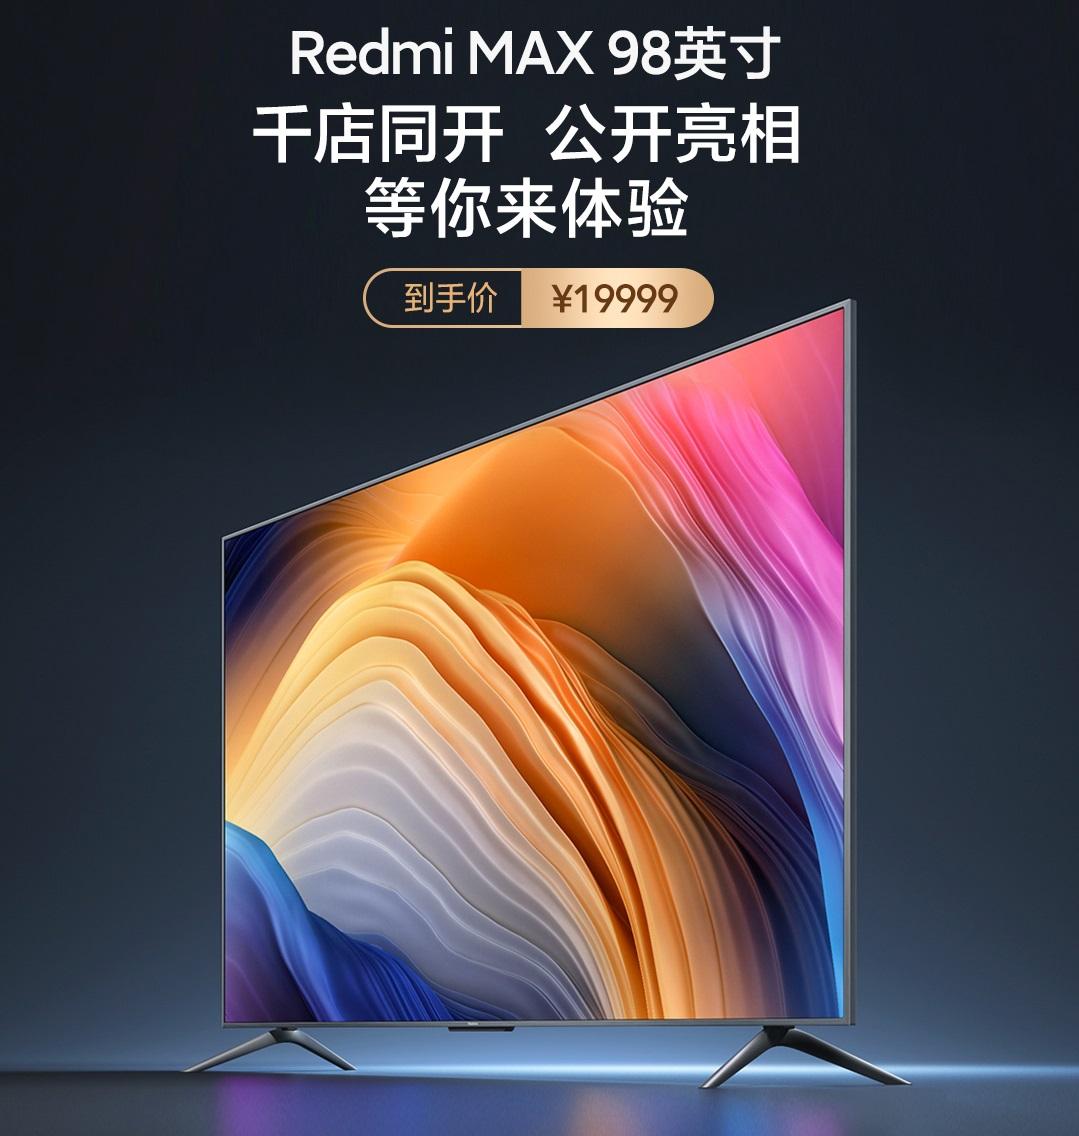 小米之家22家新店发售Redmi MAX 98英寸电视 搭载4GB+64GB存储配置